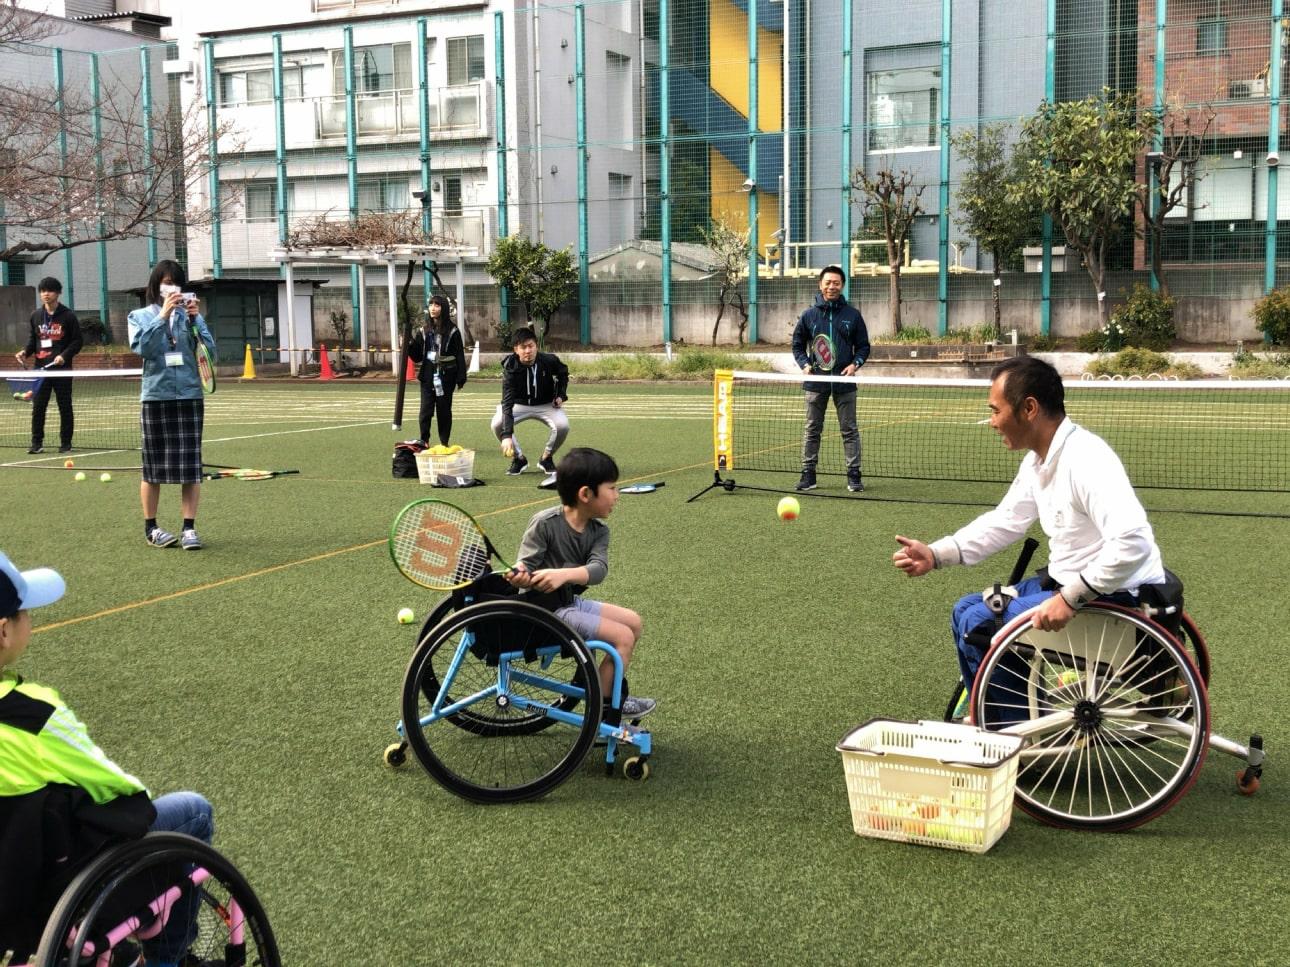 官民連携型、地域子供向け体験イベント「共育」スポーツ講座企画実施運営業務